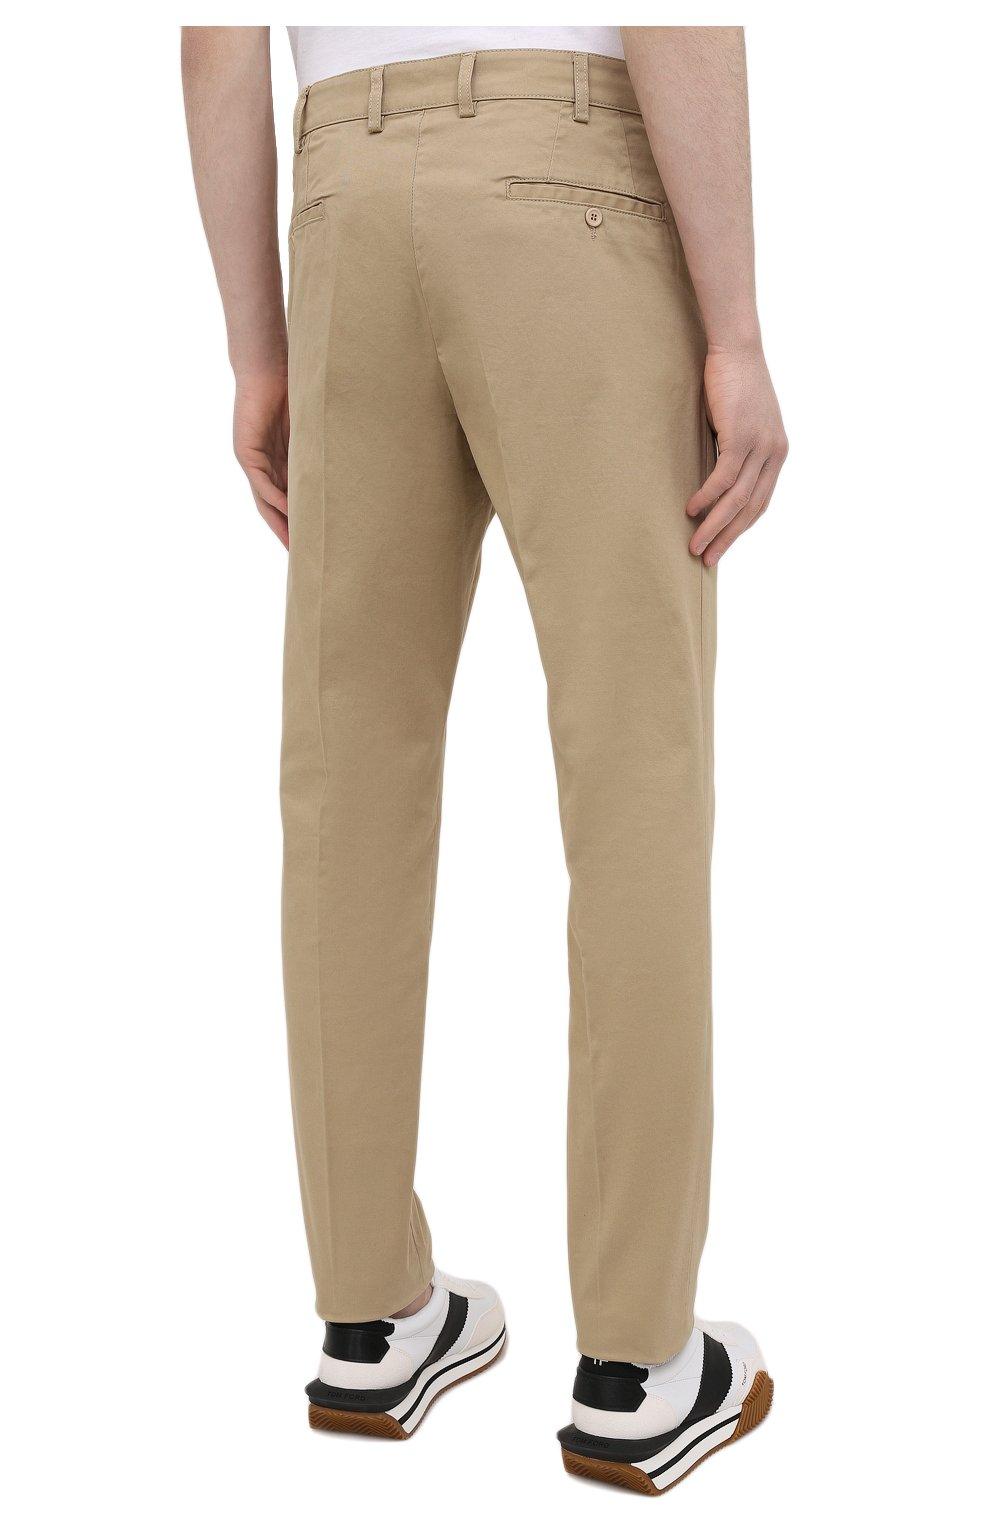 Мужские хлопковые брюки ASPESI бежевого цвета, арт. S1 A CP14 G398   Фото 4 (Силуэт М (брюки): Чиносы; Длина (брюки, джинсы): Стандартные; Случай: Повседневный; Материал внешний: Хлопок; Стили: Минимализм)